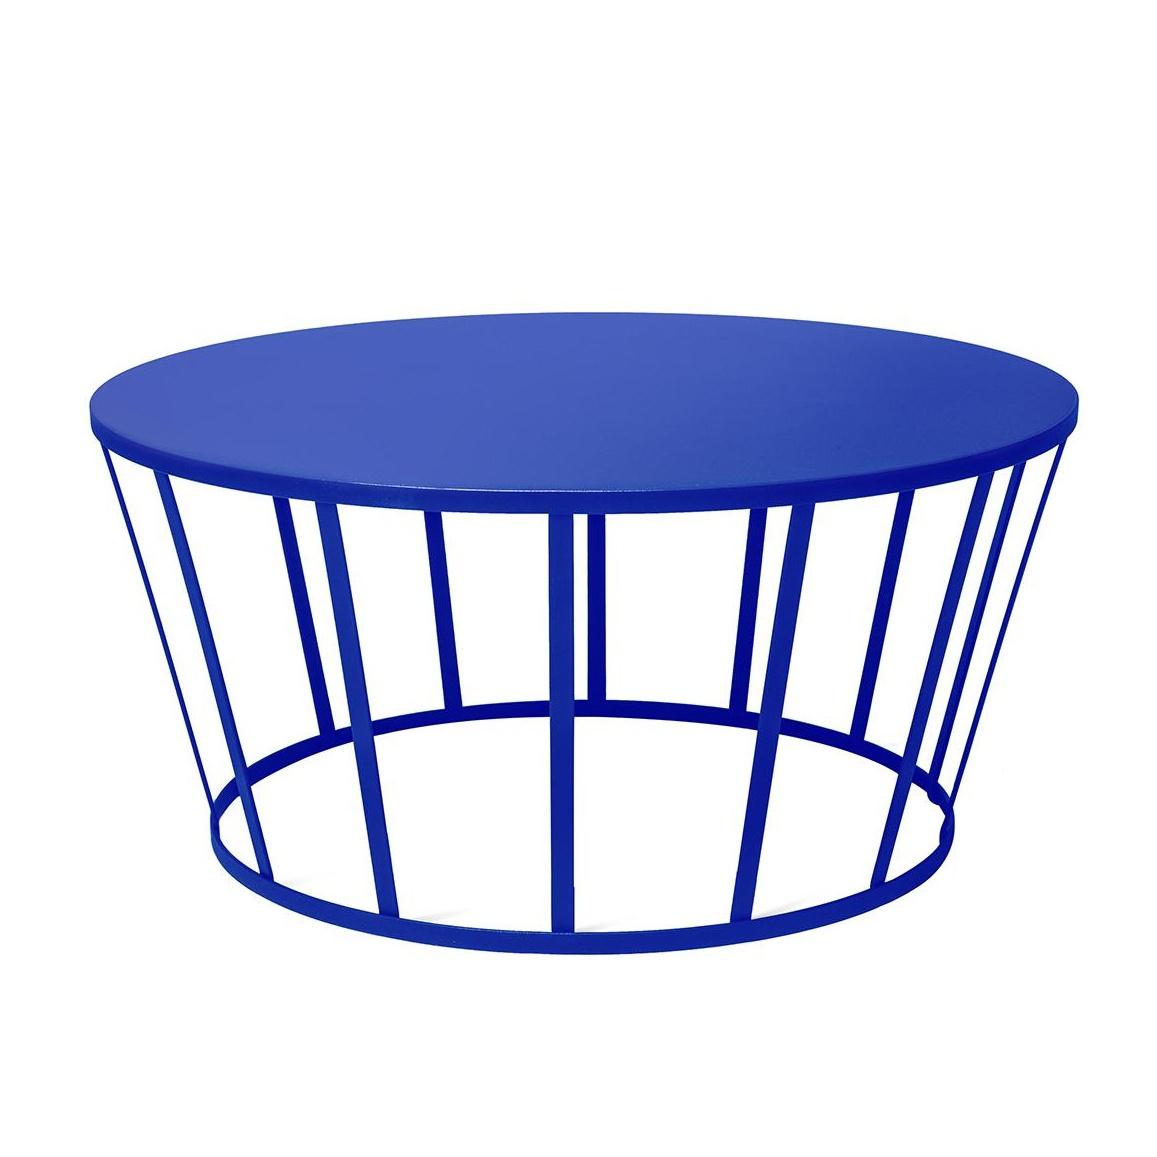 Petite Friture - Hollo Couchtisch Ø70cm - blau/H 33cm | Wohnzimmer > Tische > Couchtische | Blau | Stahl | Petite Friture